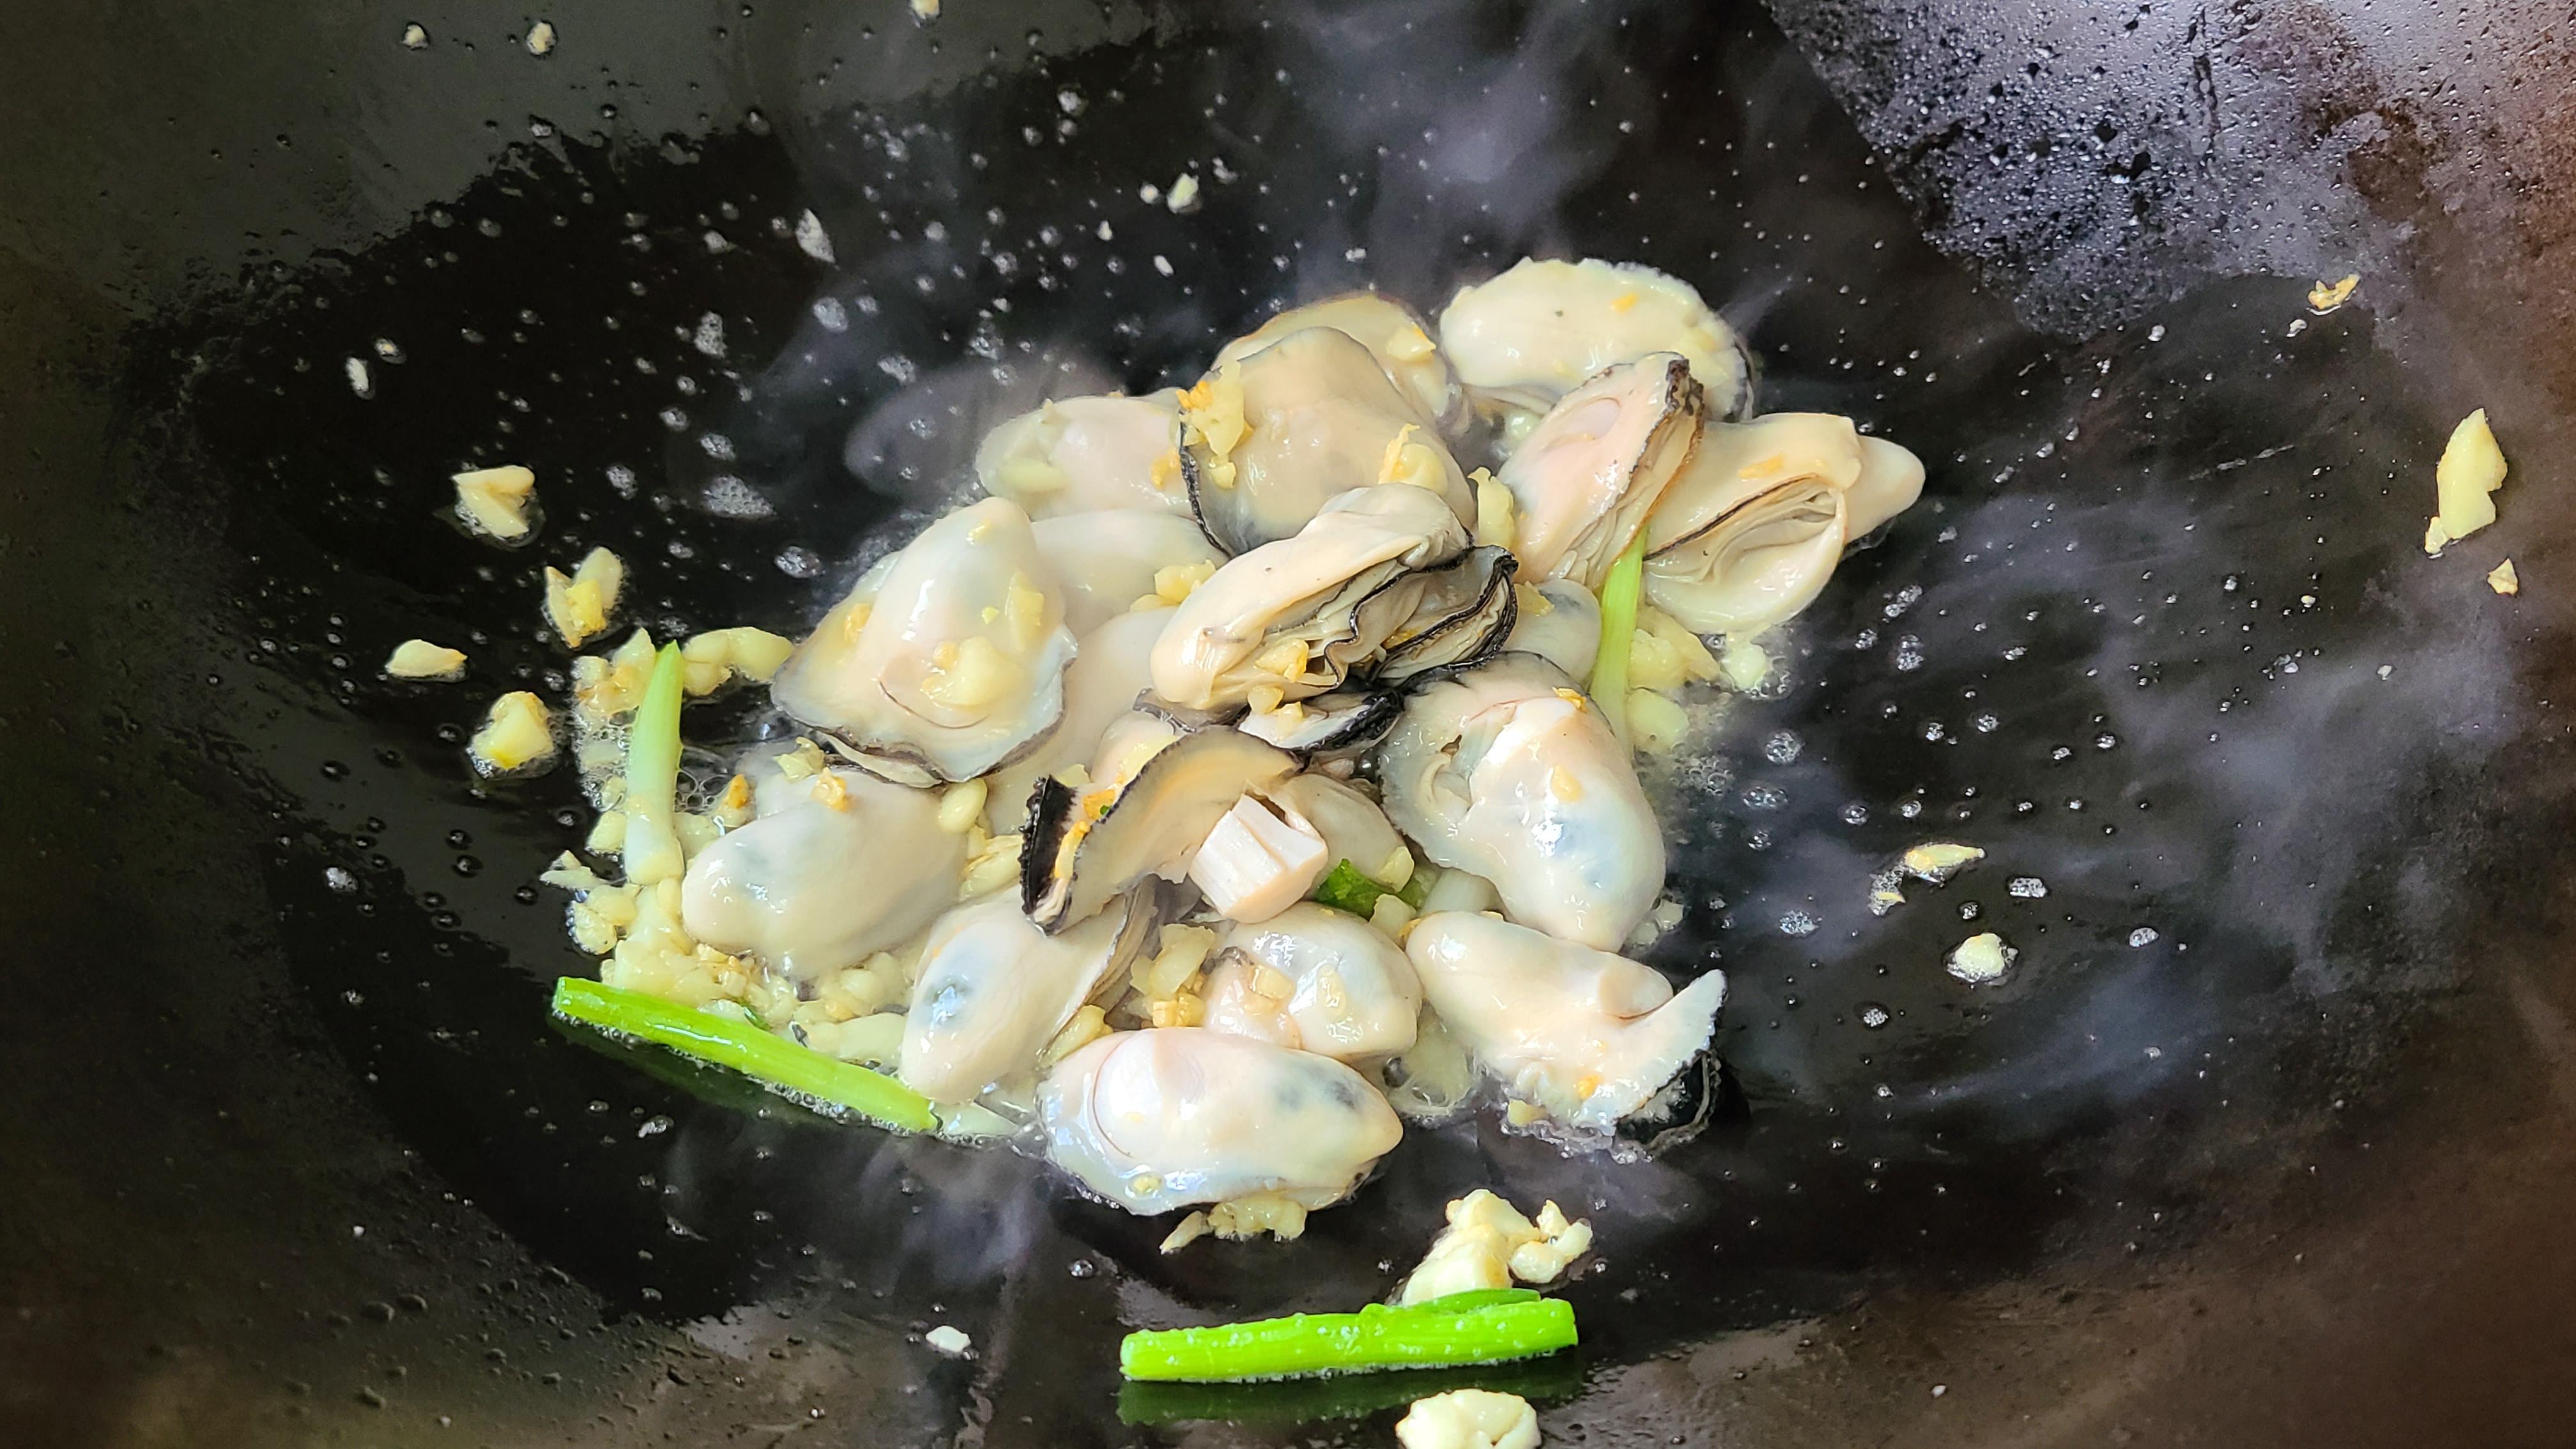 广式炒生蚝原来这么好吃,家常做法味道鲜美,看着就馋了 美食做法 第8张